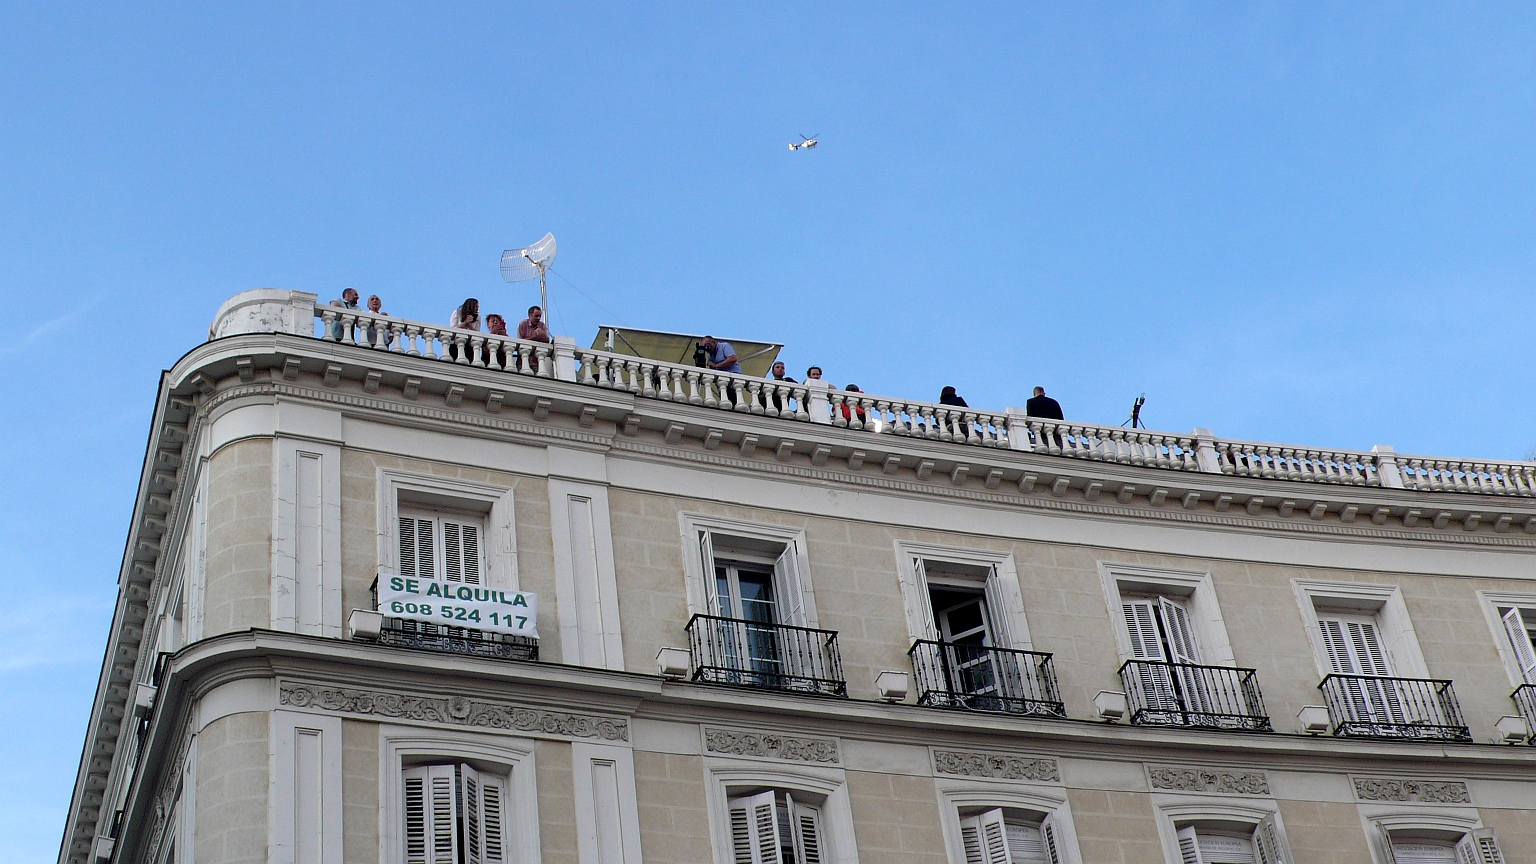 Puerta_del_Sol_Periodistas_2014_06_02